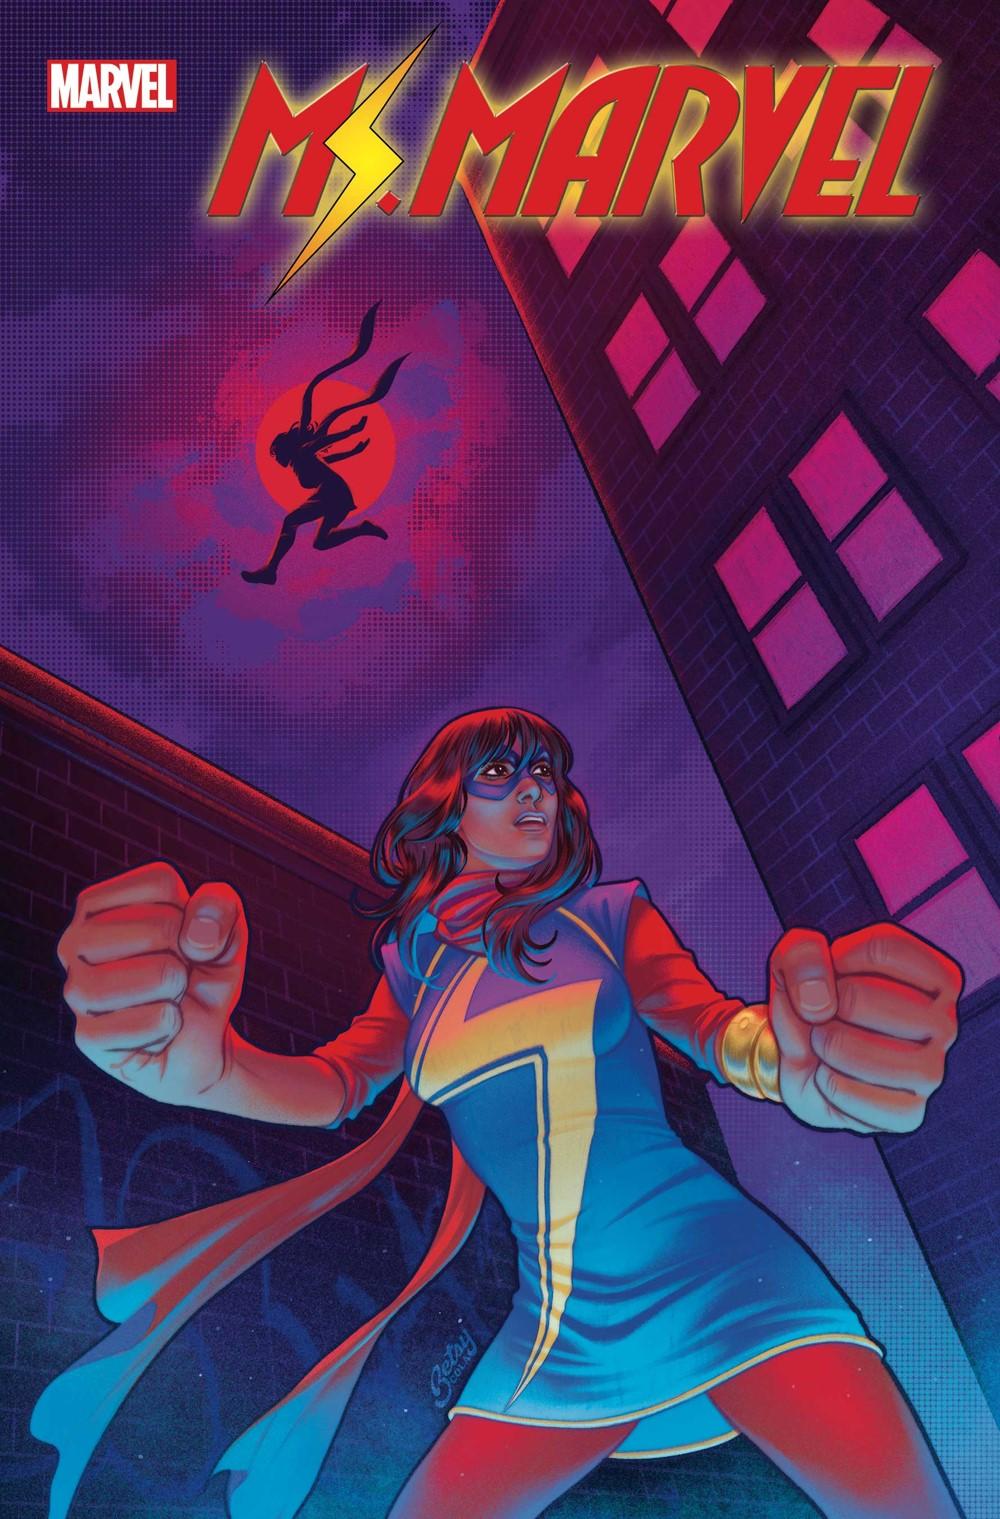 MSMARV2021002_Var_Cola Marvel Comics October 2021 Solicitations